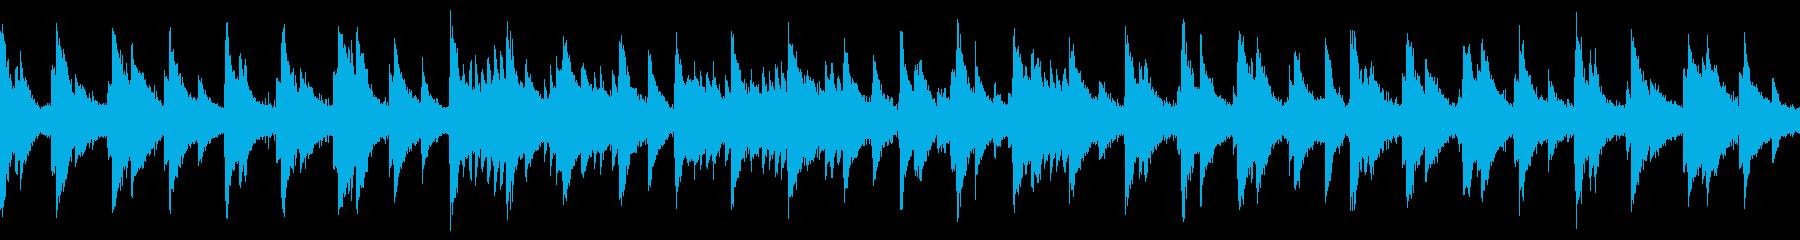 水底の世界×落ち着くピアノBGM/ループの再生済みの波形